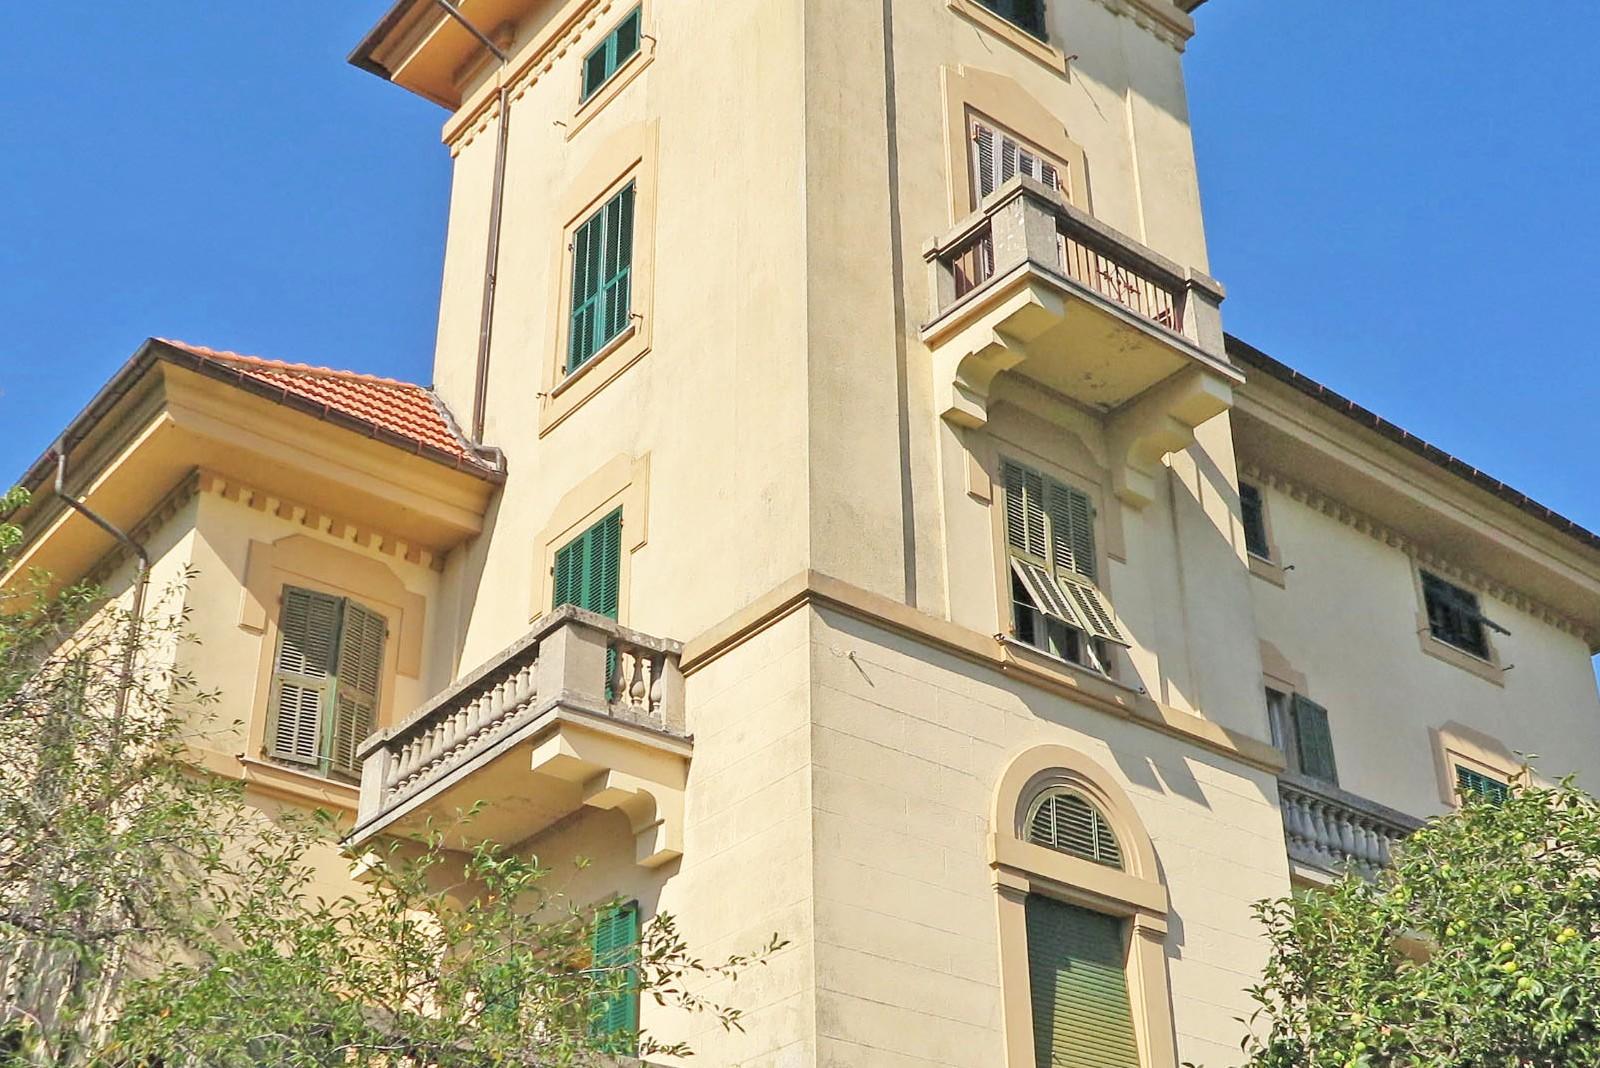 Villa liberty primi novecento